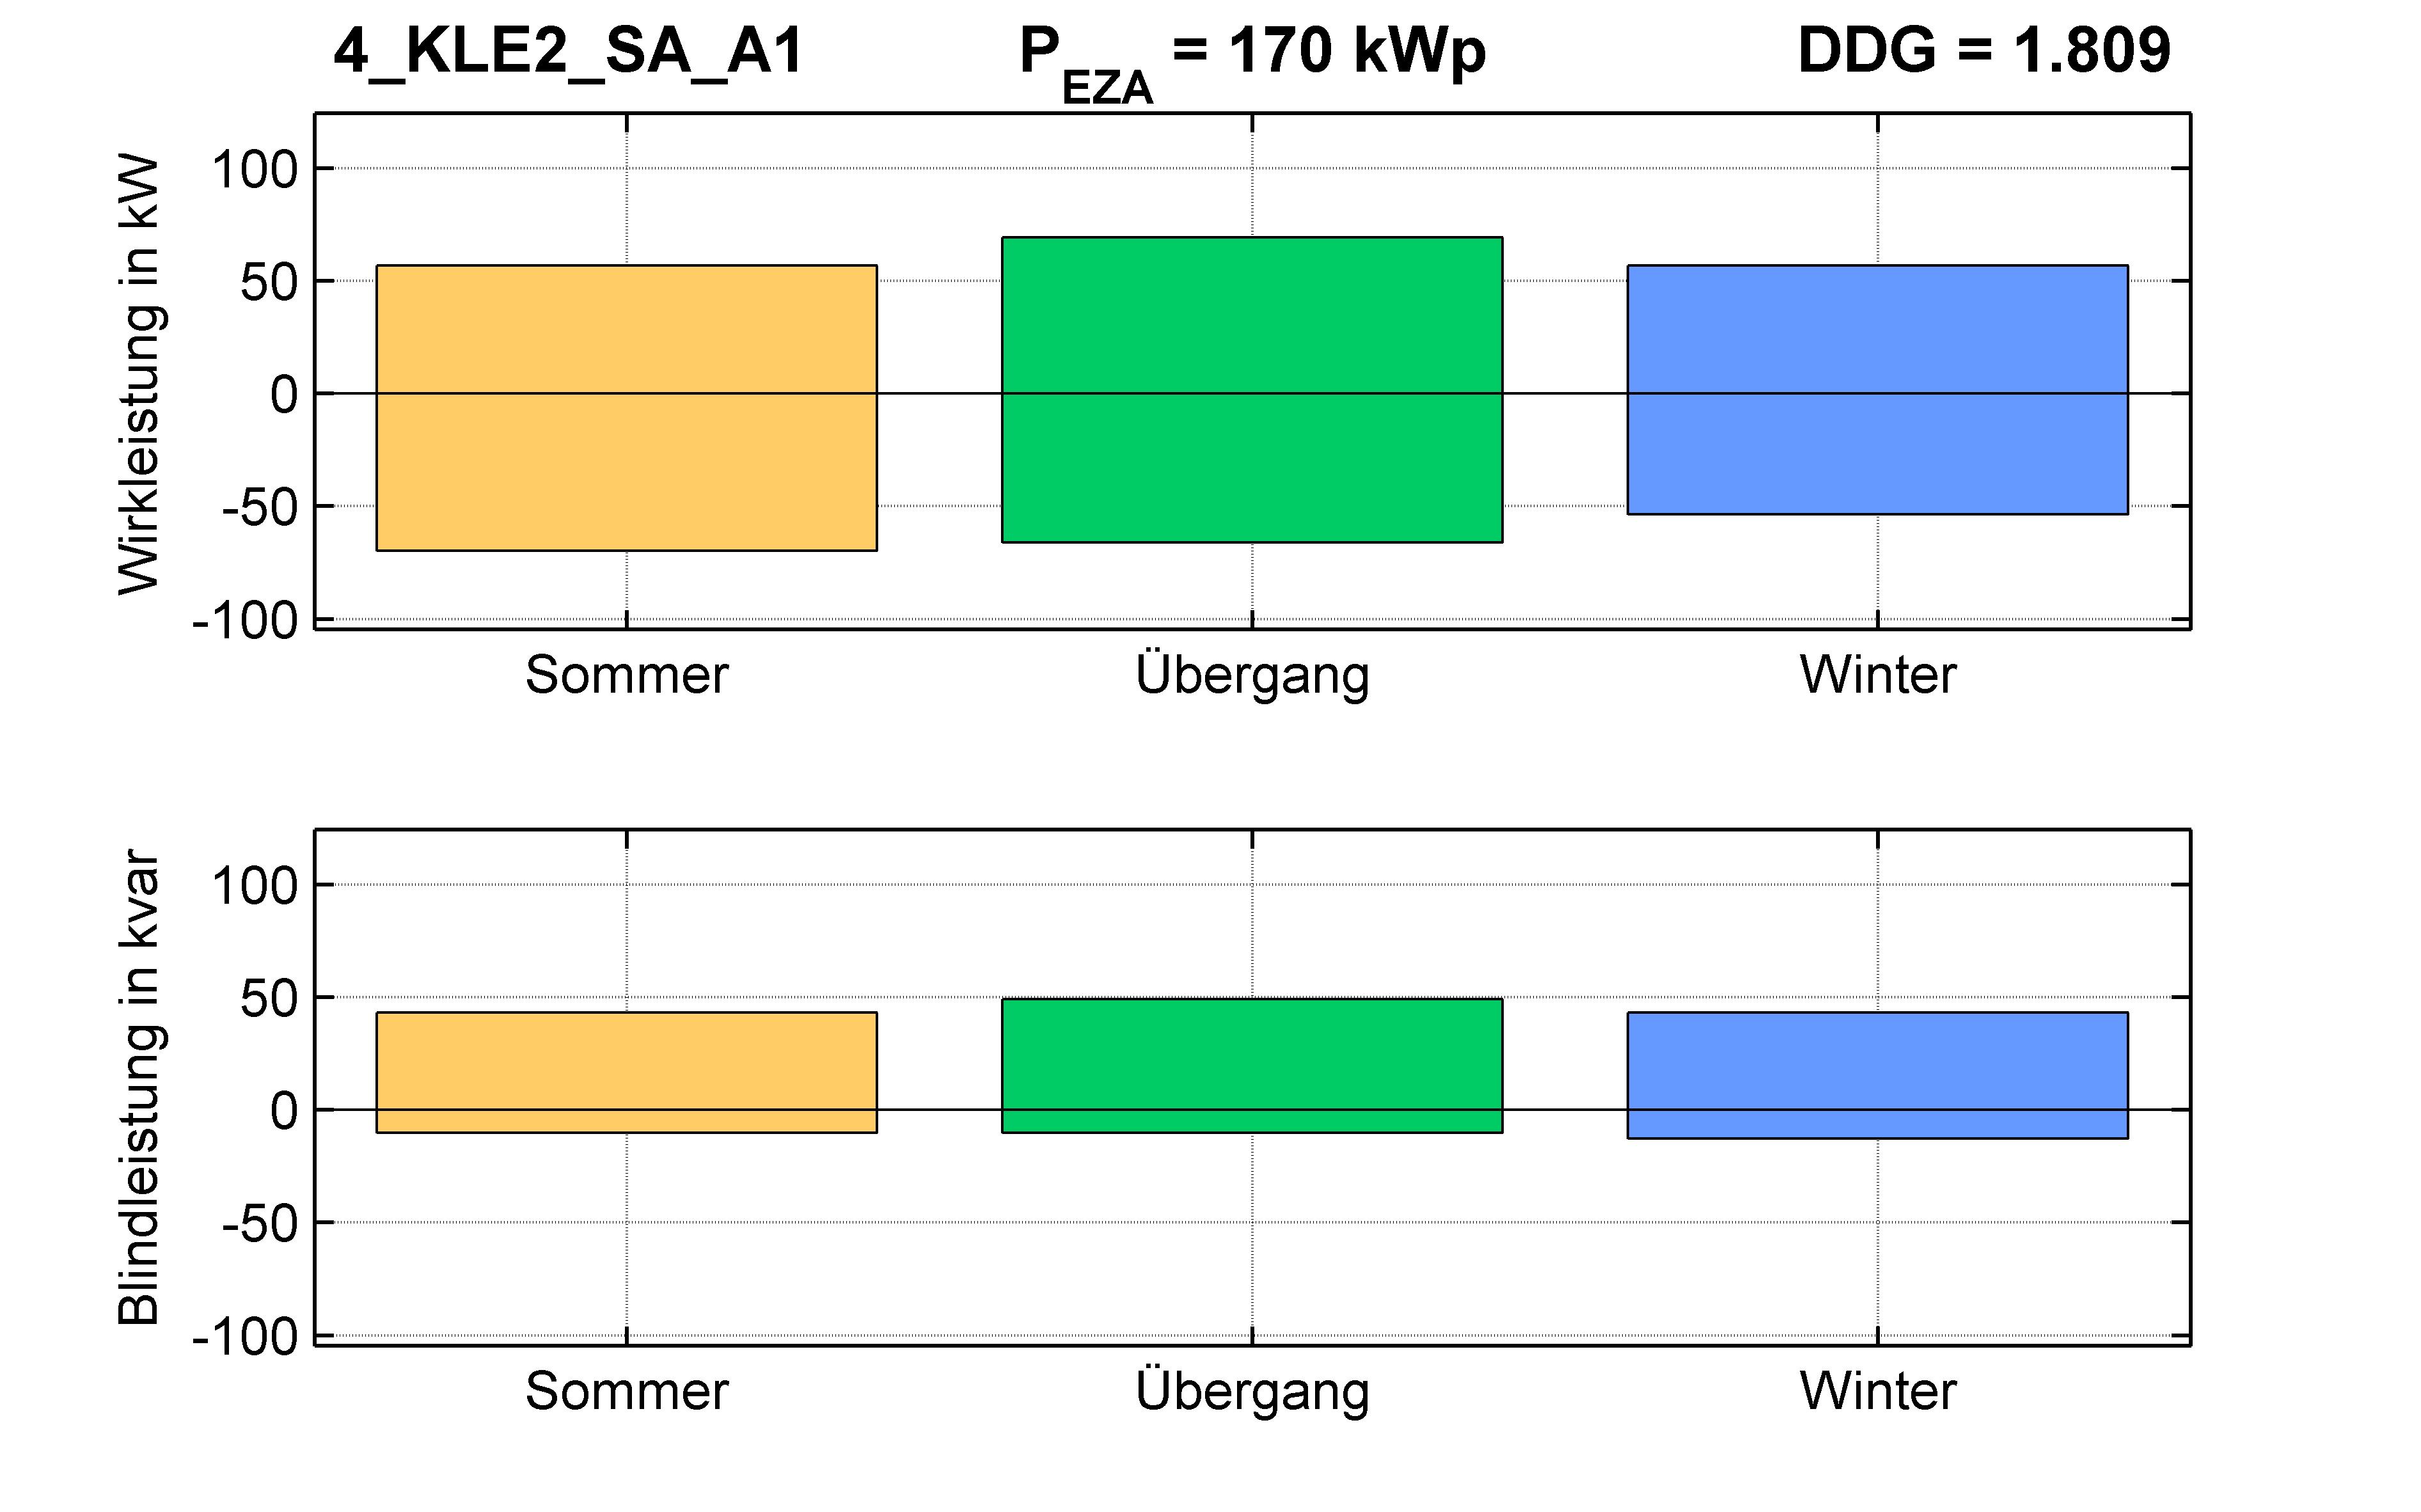 KLE2 | P-Kappung 55% (SA) A1 | PQ-Bilanz